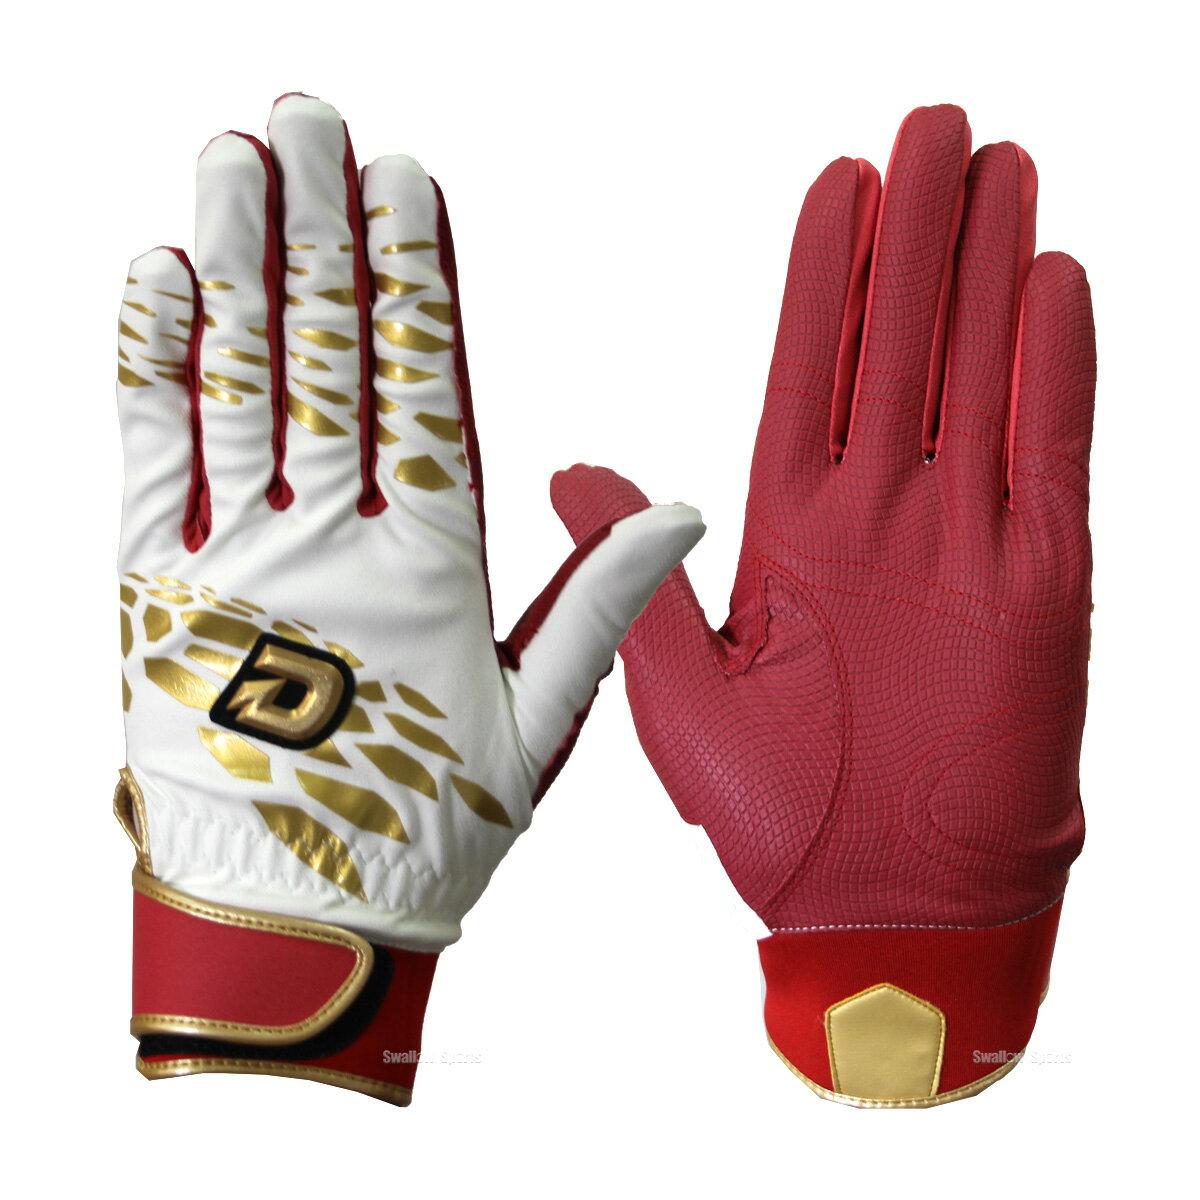 ウィルソン 限定 手袋 ディマリニ バッティング グラブ (両手用) WTABG0611 バッティンググラブ バッティンググローブ 野球用品 スワロースポーツ